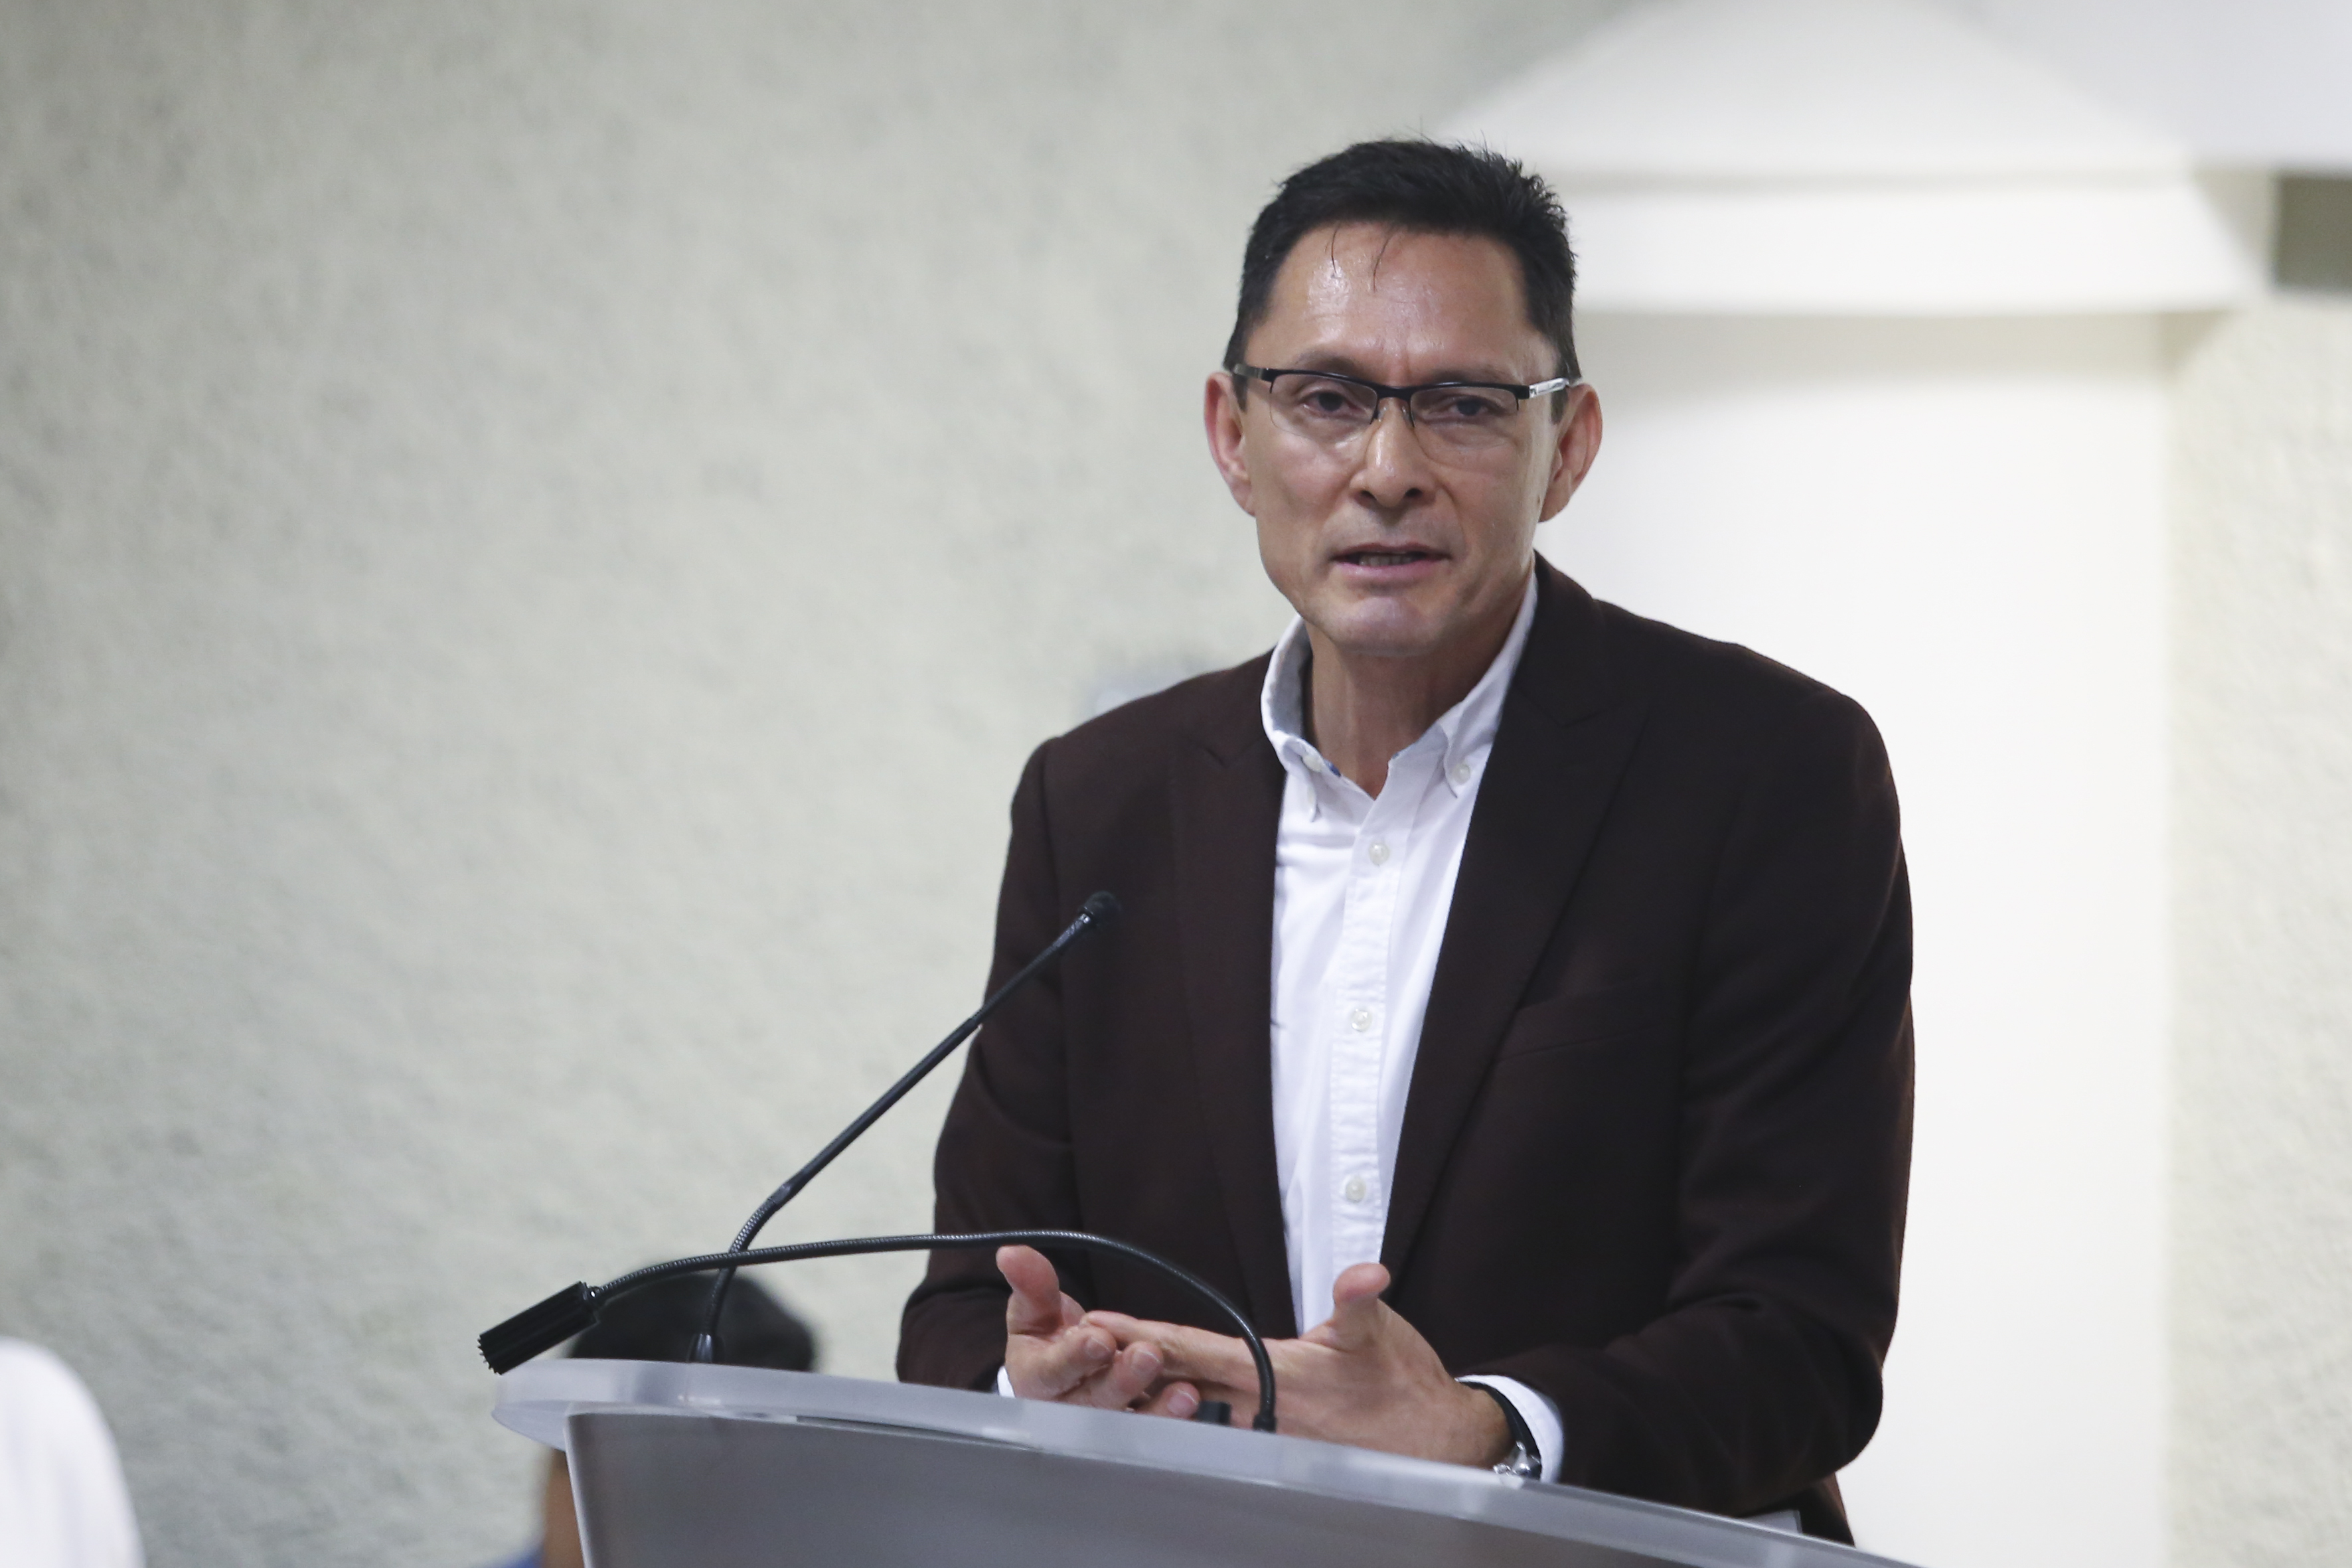 Dr. Martín Actos coautor del libro